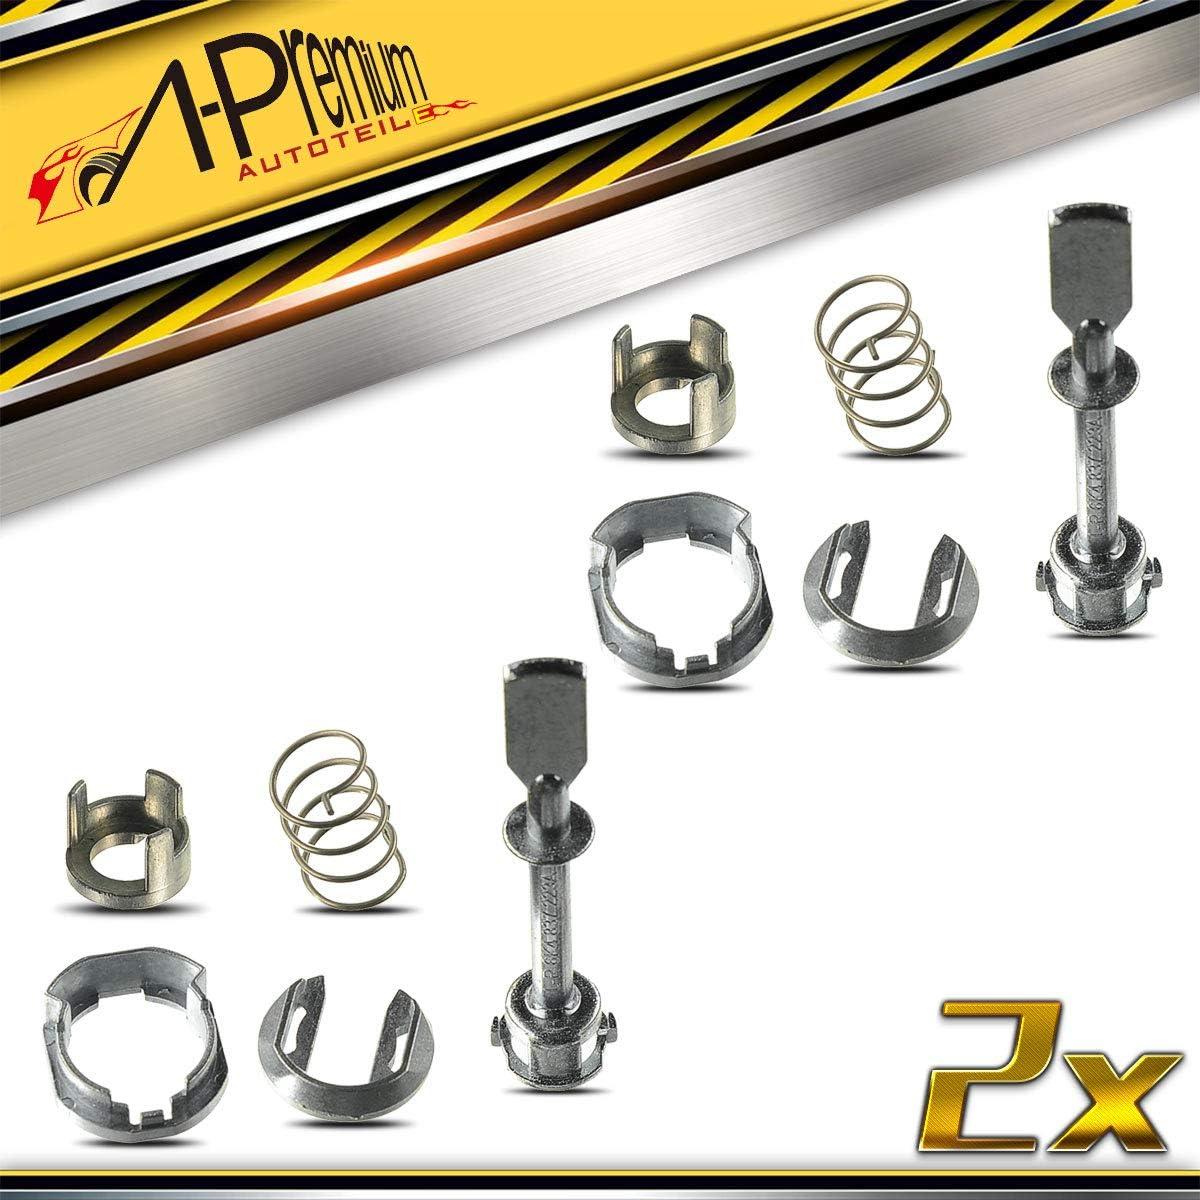 2x Schlie/ßzylinder Reparatursatz f/ür Cordoba 6K2 6K5 Ibiza III 6K1 6K9 Caddy II 9K9A 9K9B 9U7 Polo 6KV2 6KV5 1995-2004 6K4837223A